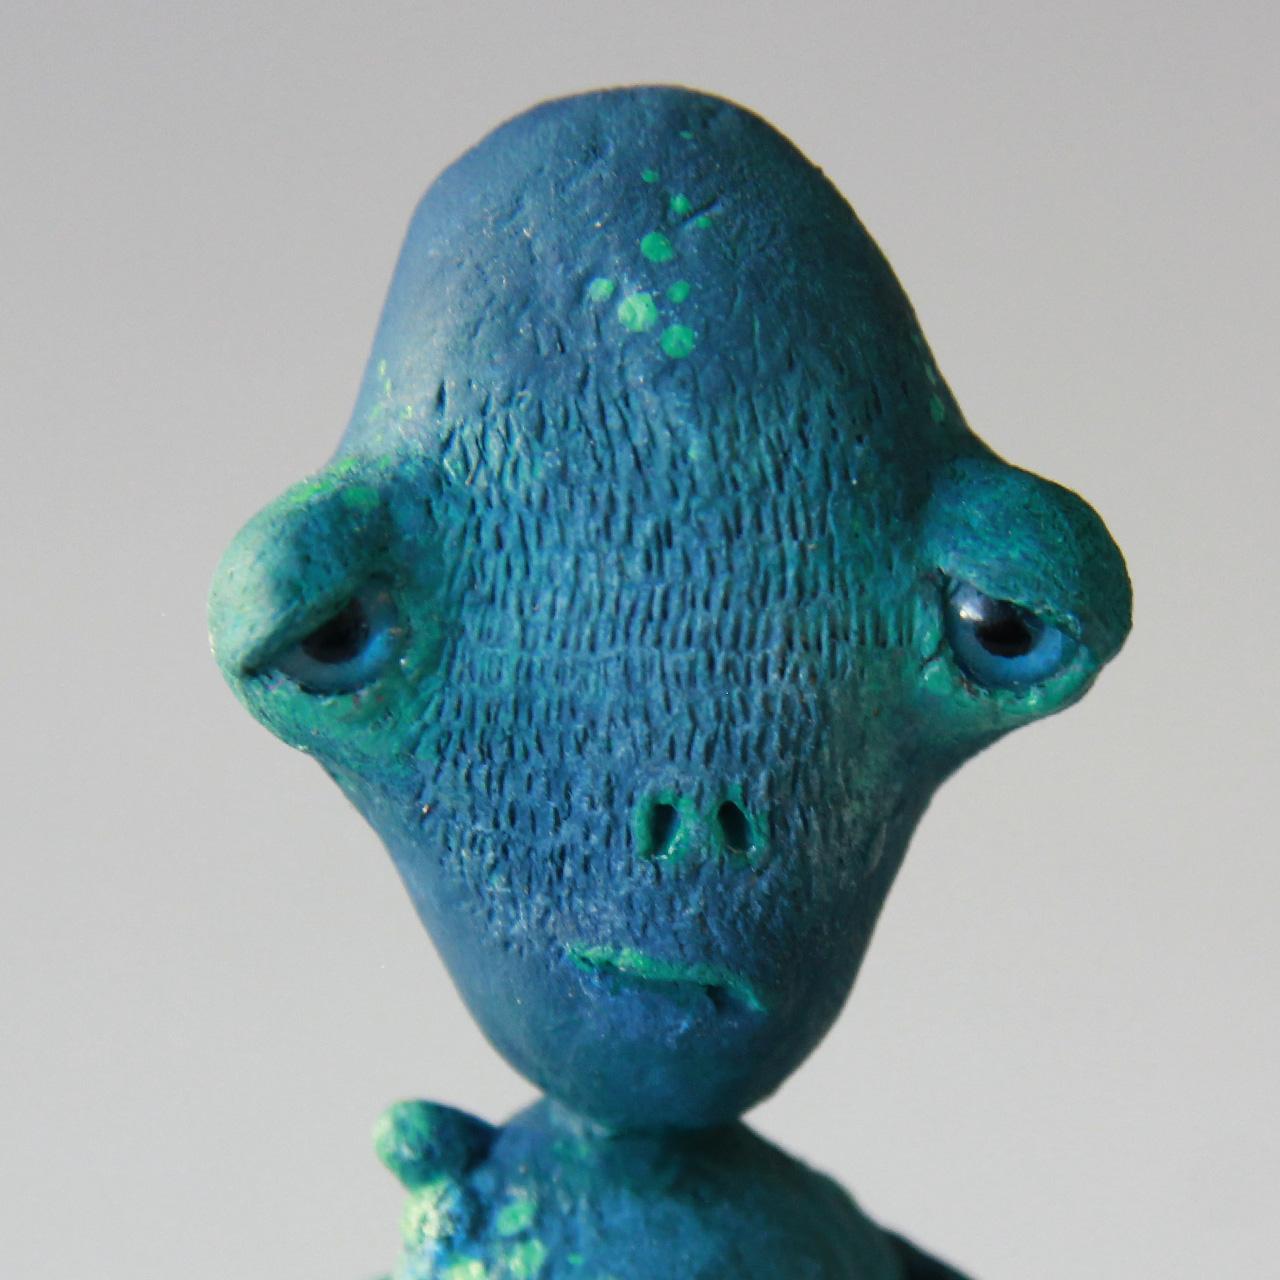 Homesick Alien – Nyctophobia Studio